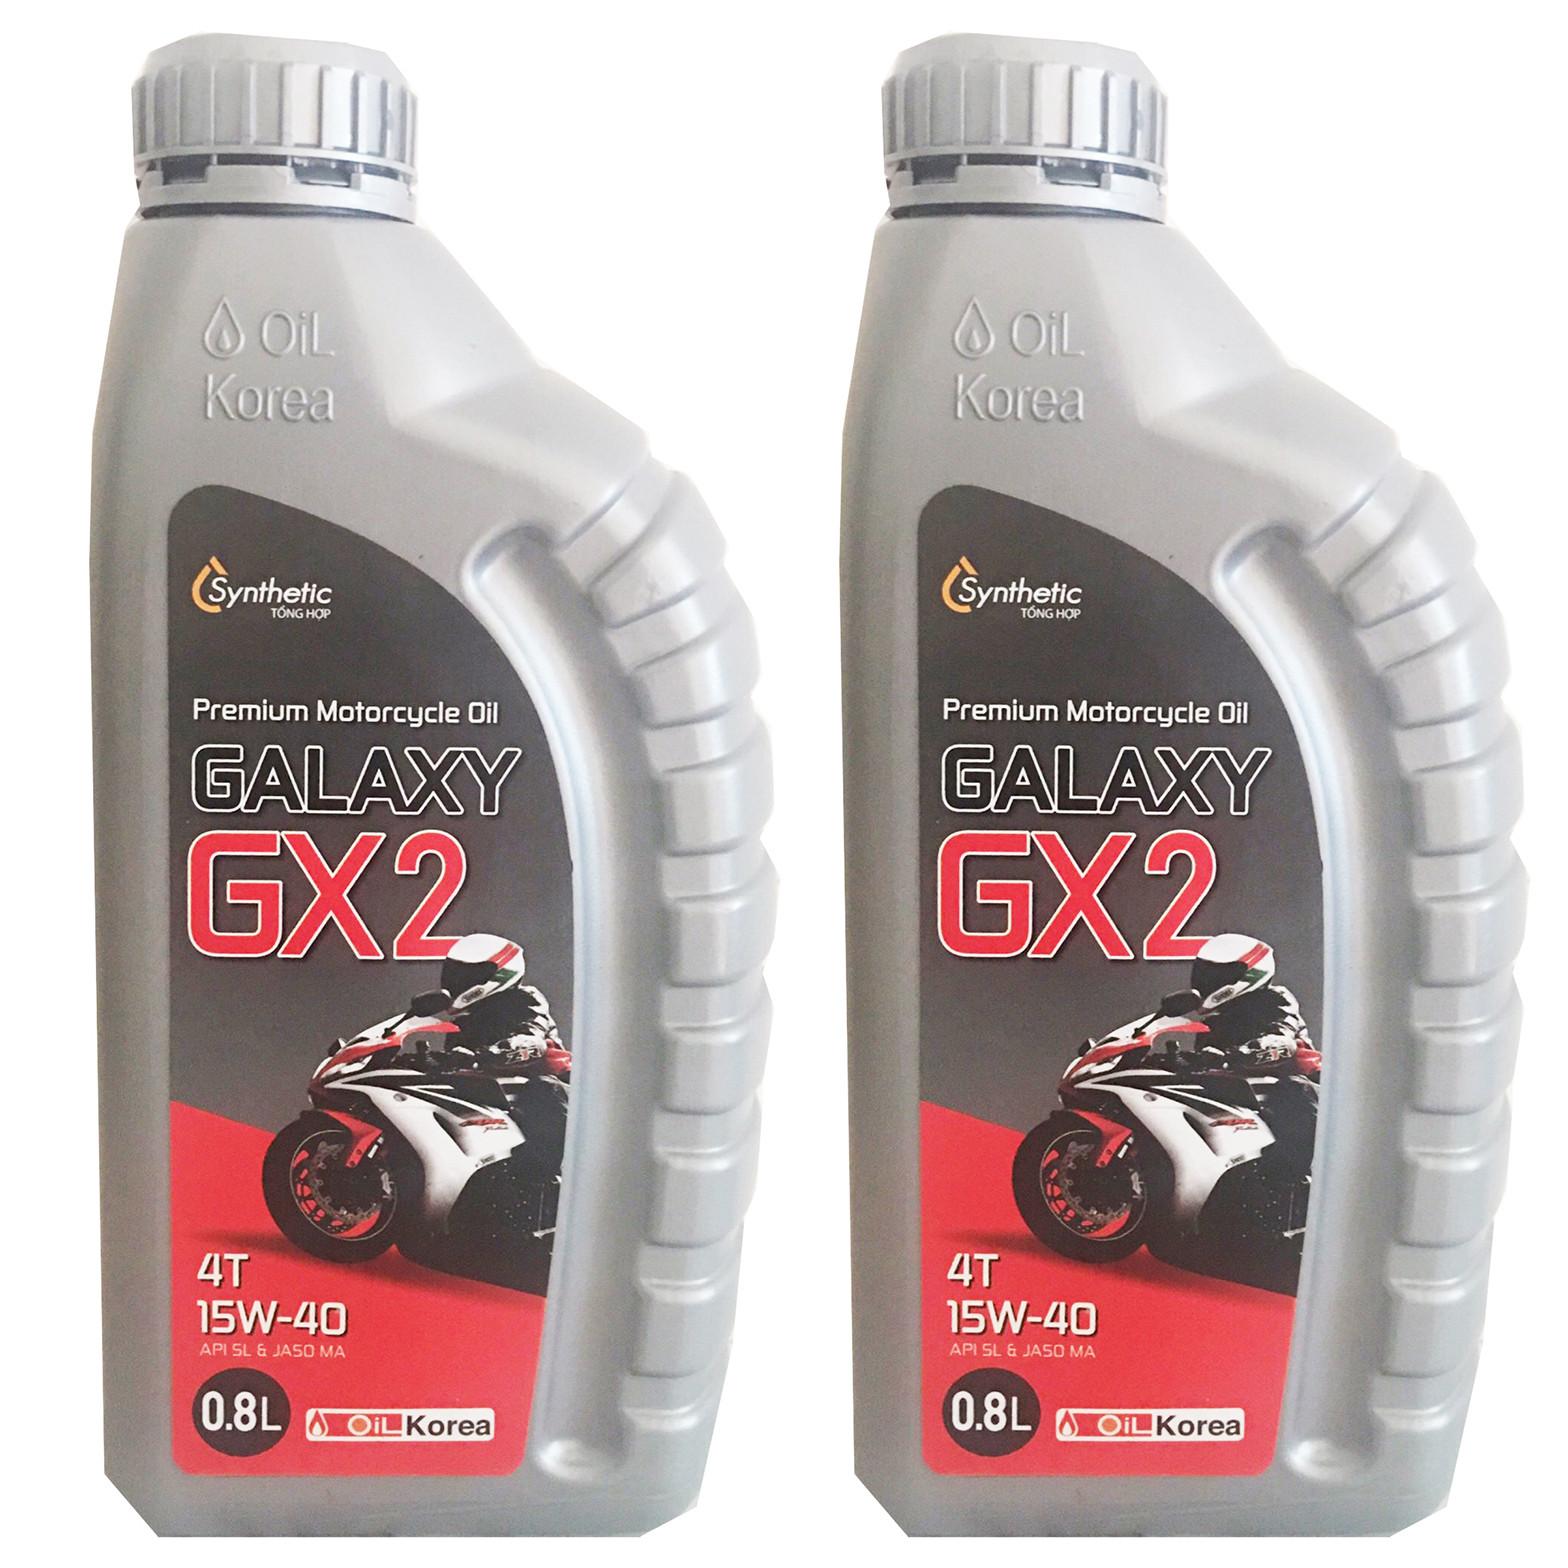 Nhớt xe số Galaxy GX2 Hàn Quốc cao cấp (15ww40) - 2 chai - 800ml - Hàng chính hãng